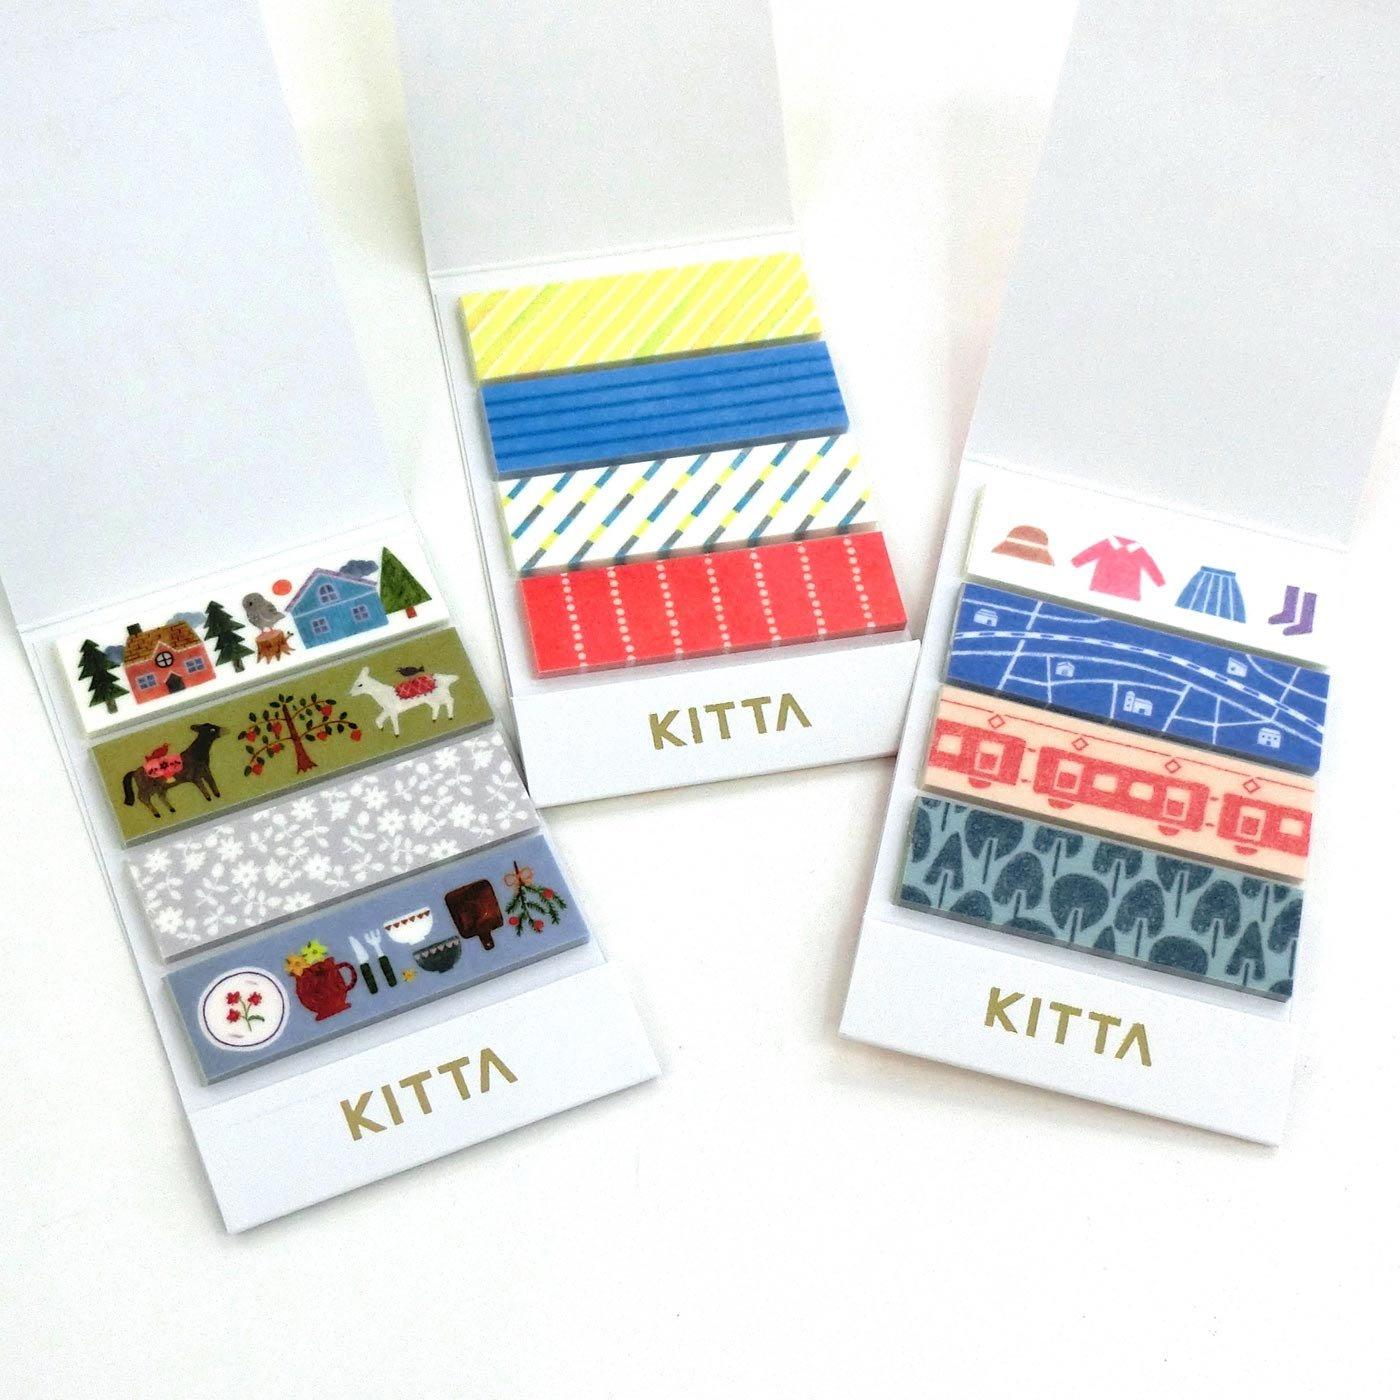 はがして貼るだけ! 切れてるマスキングテープ「KITTA」3冊セットの会